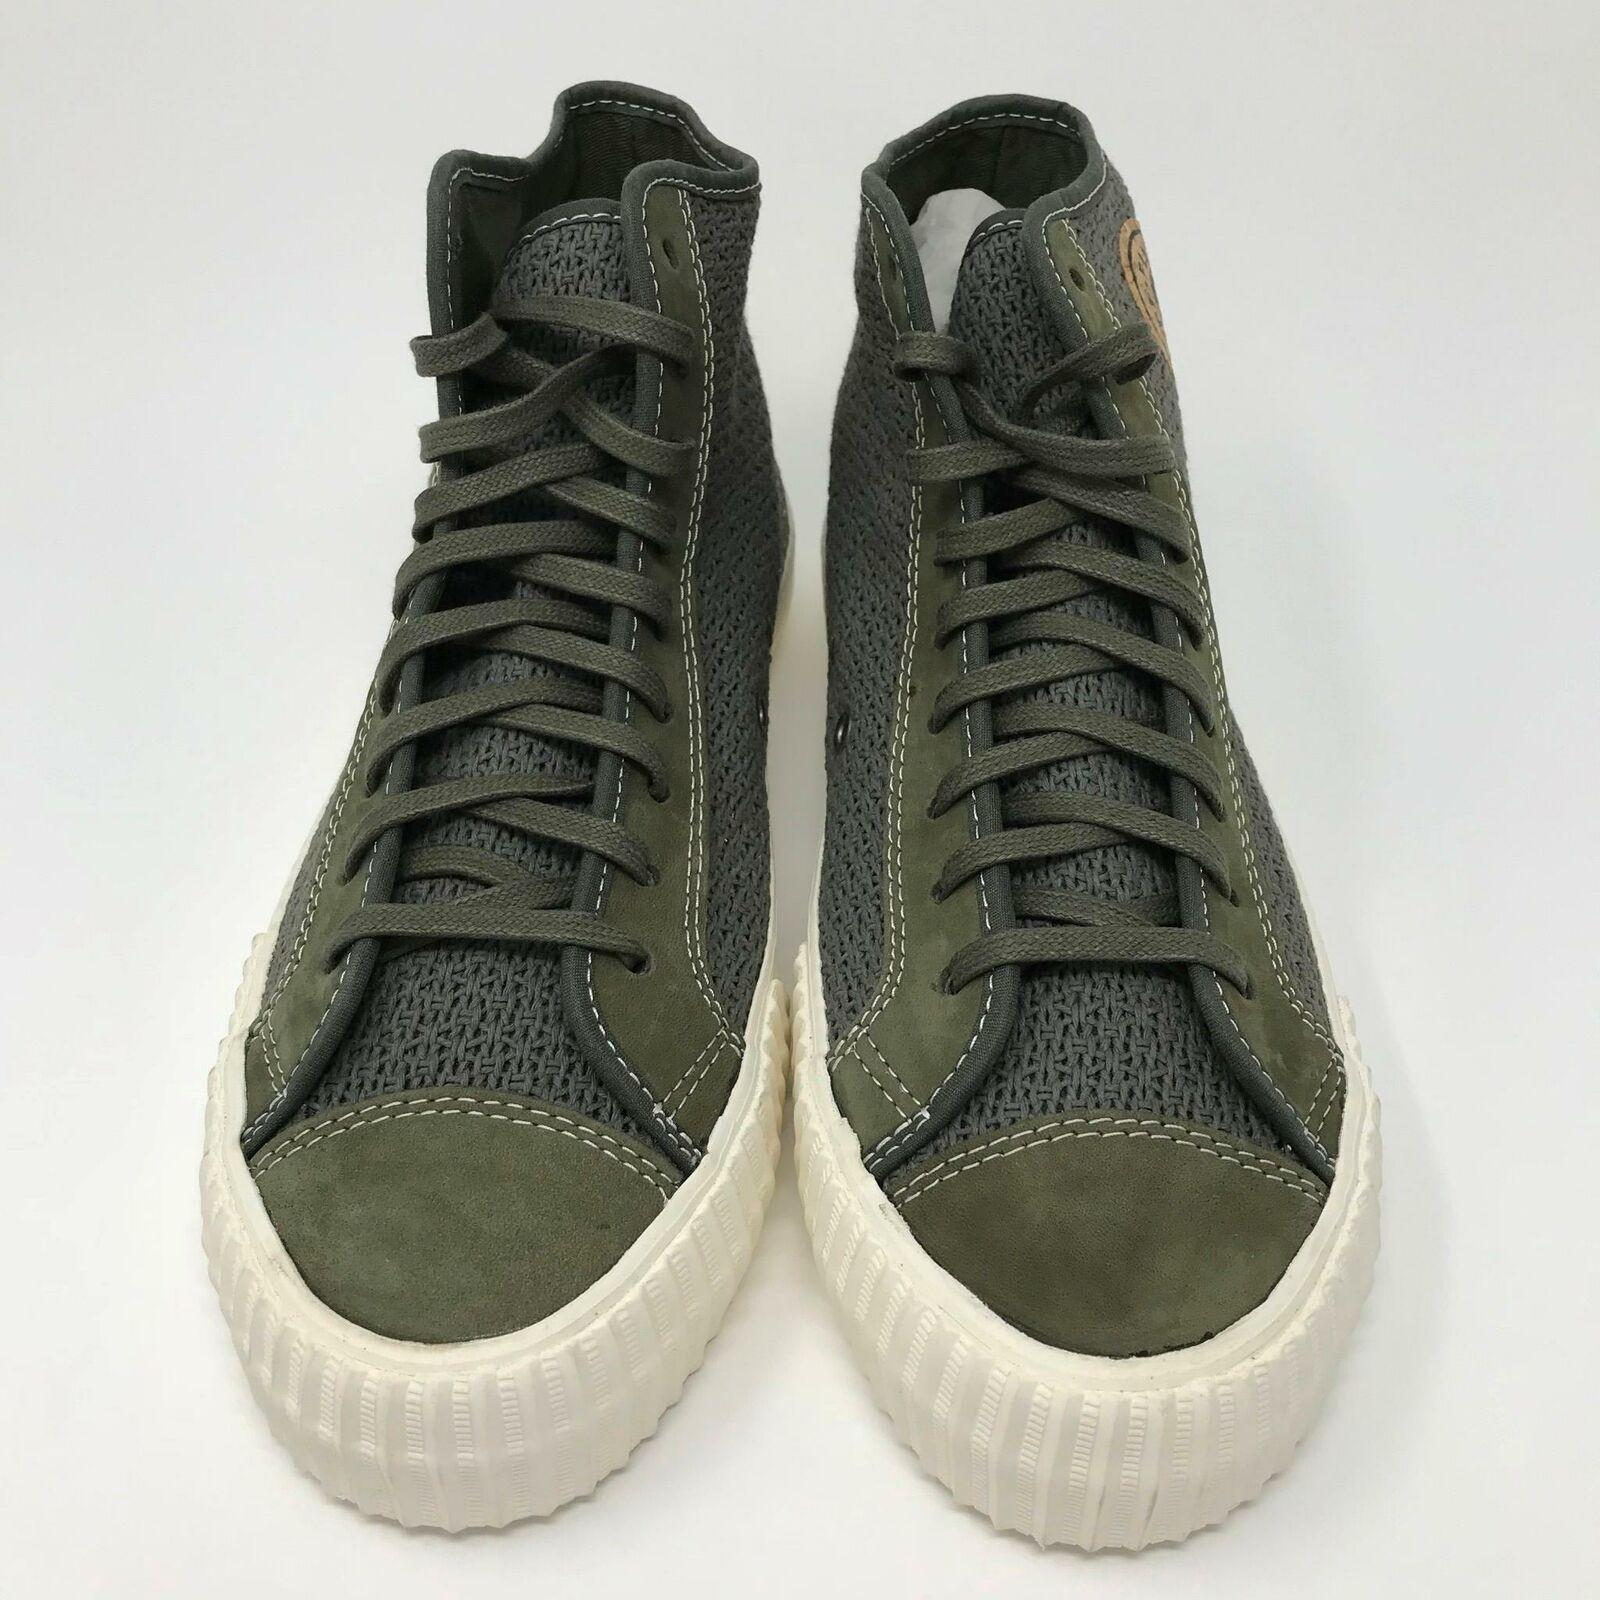 PF Flyers Center Hi Tejido zapatilla de deporte Cable (Oliva) Zapatillas Para Hombres Zapatos Talla  9.5